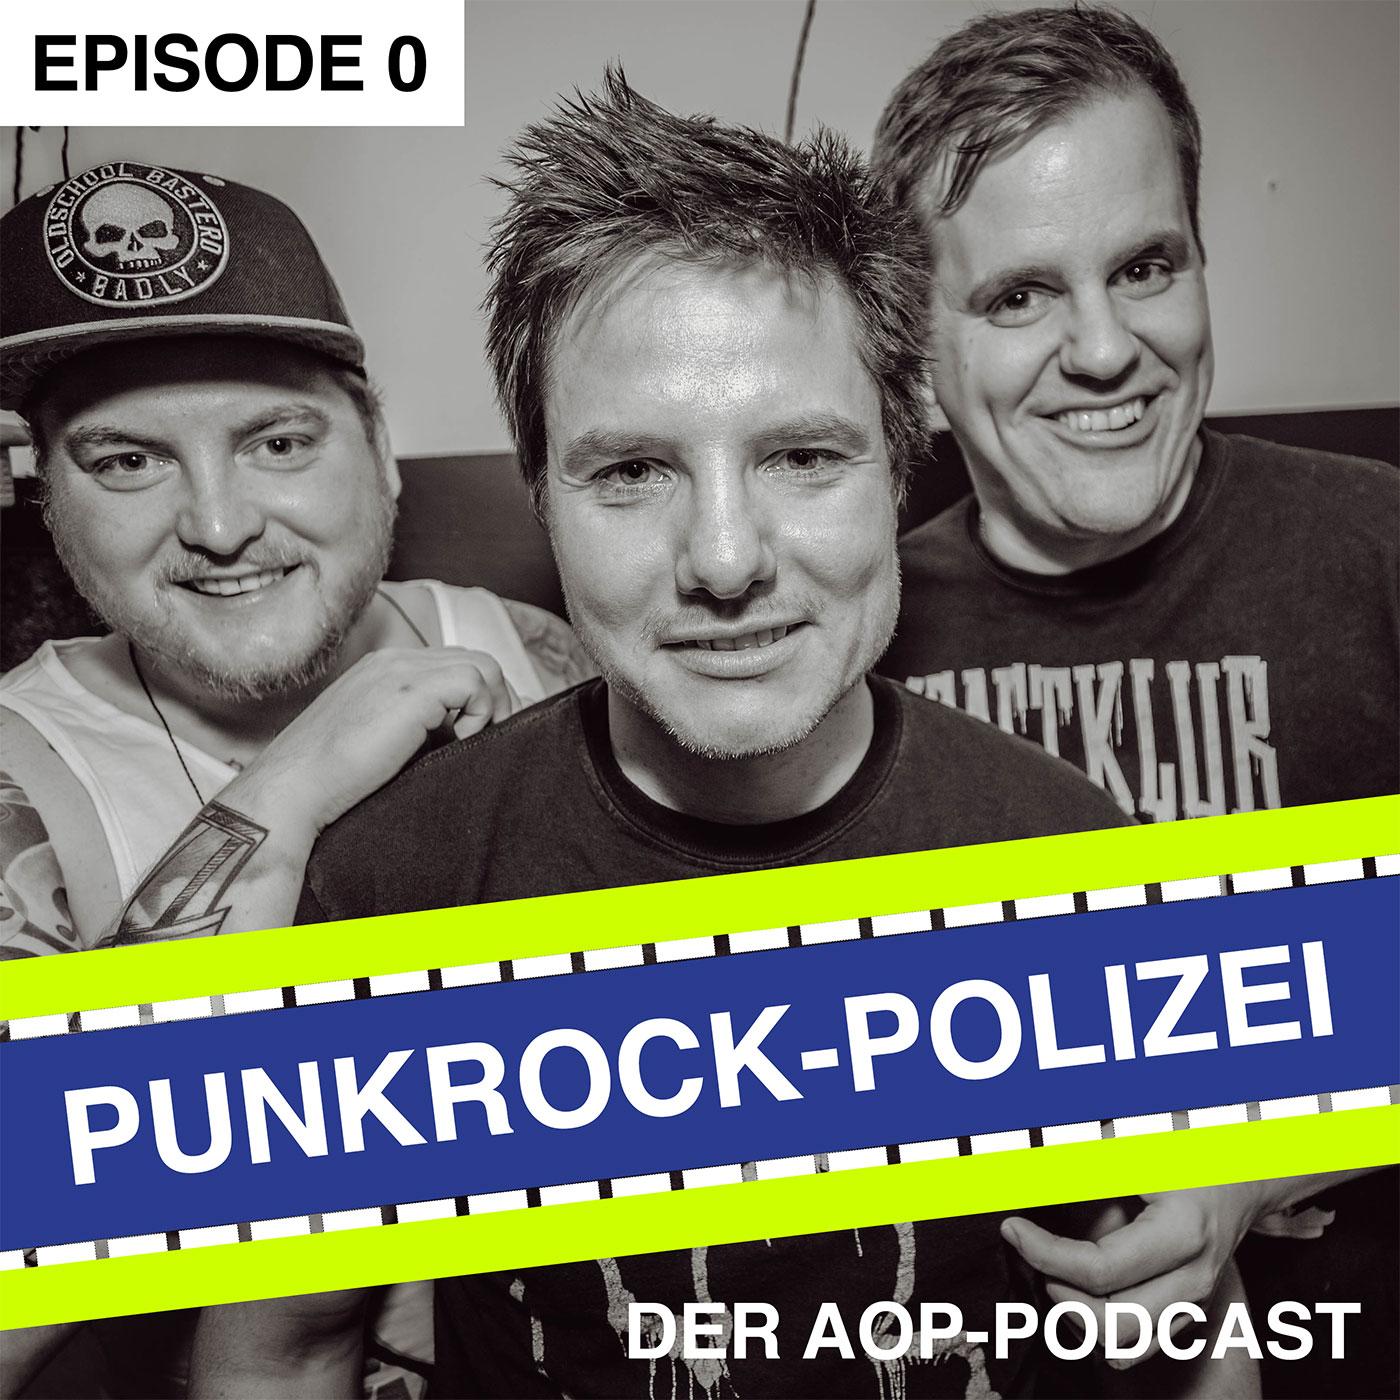 Episode #0: Die Punkrock-Polizei geht zum ersten Mal auf Streife